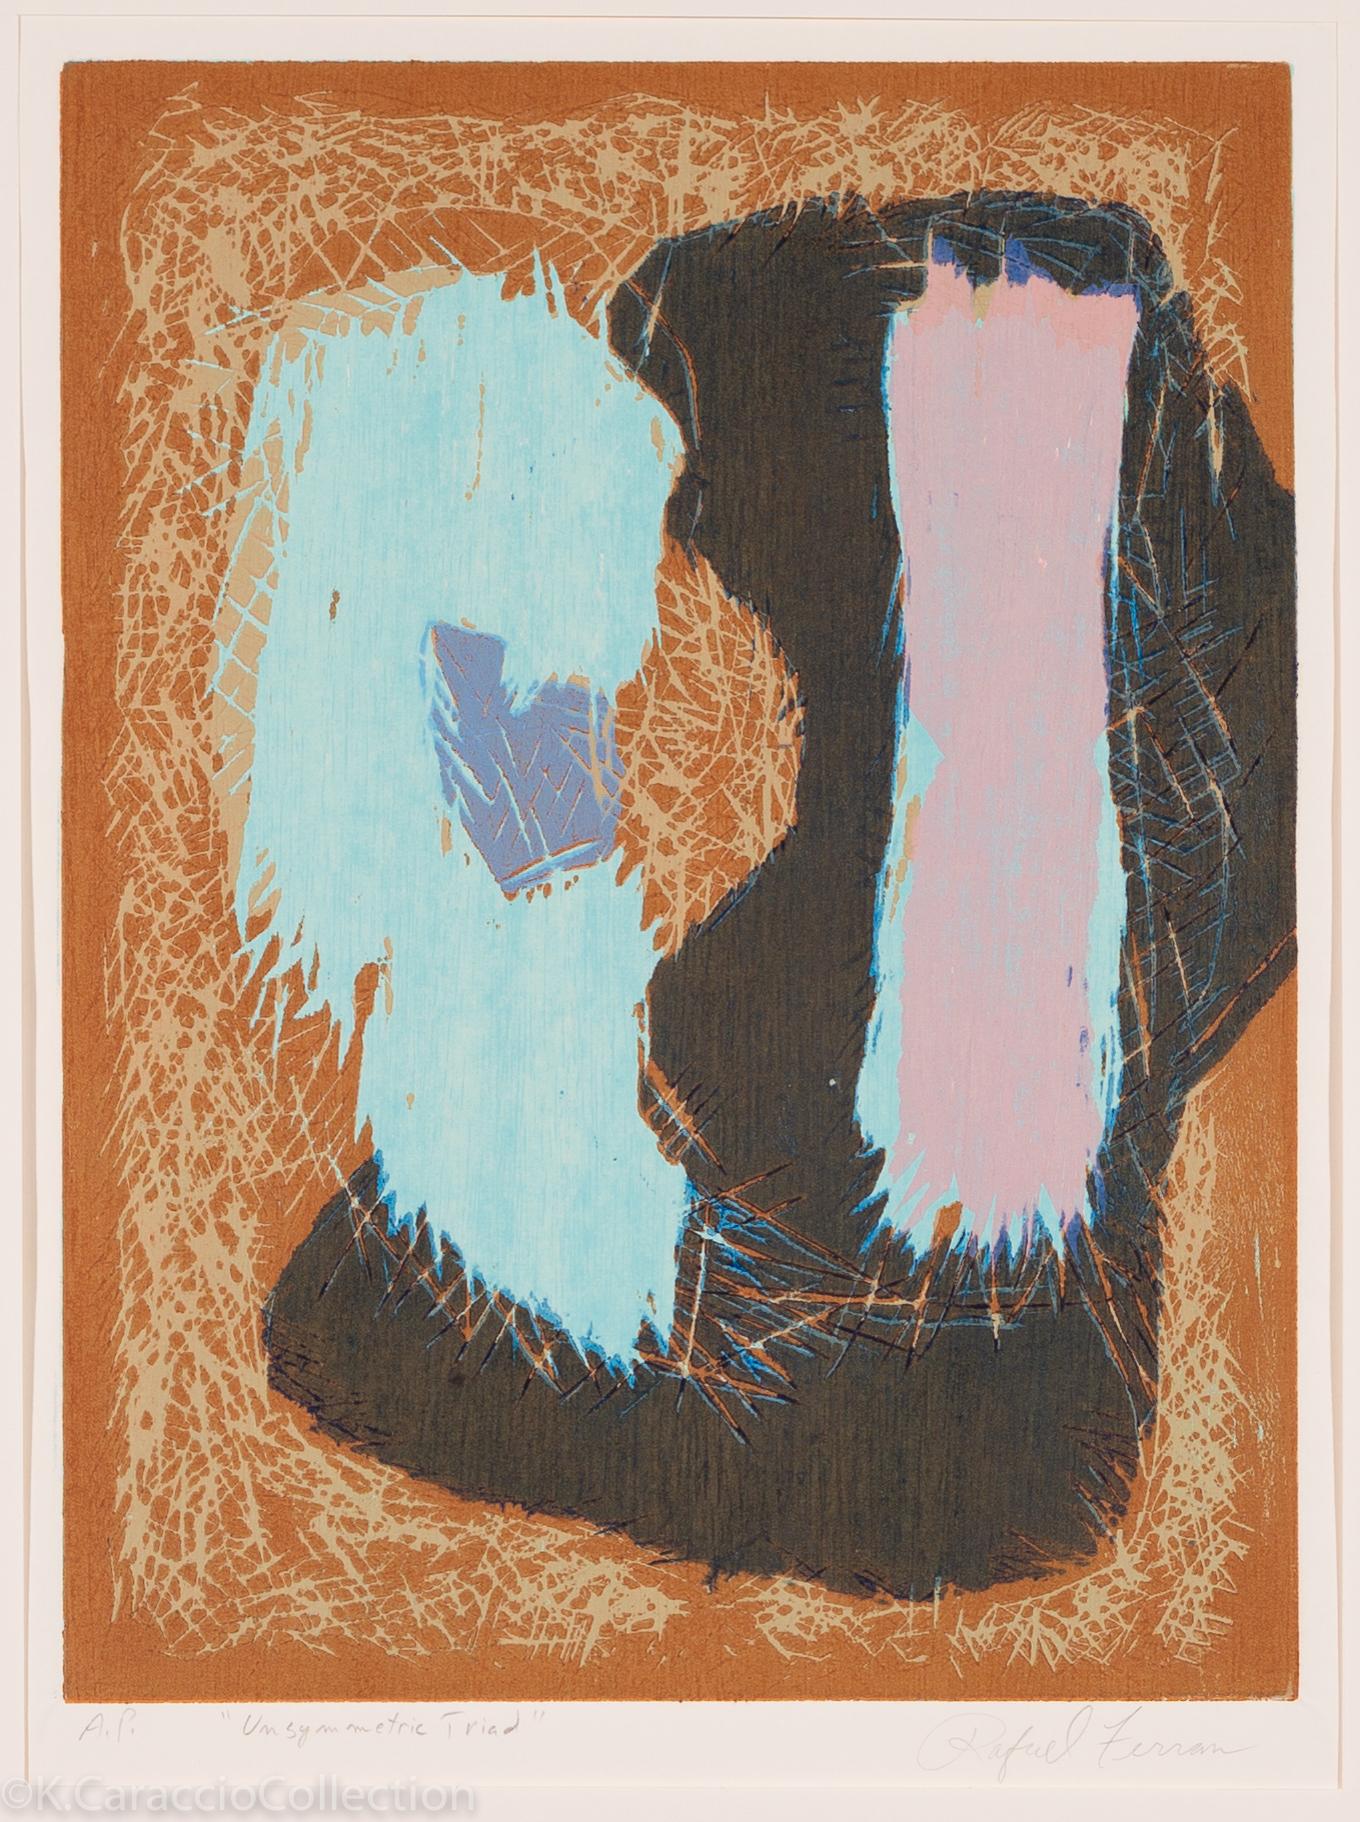 Unsymmetric Triad, 1998